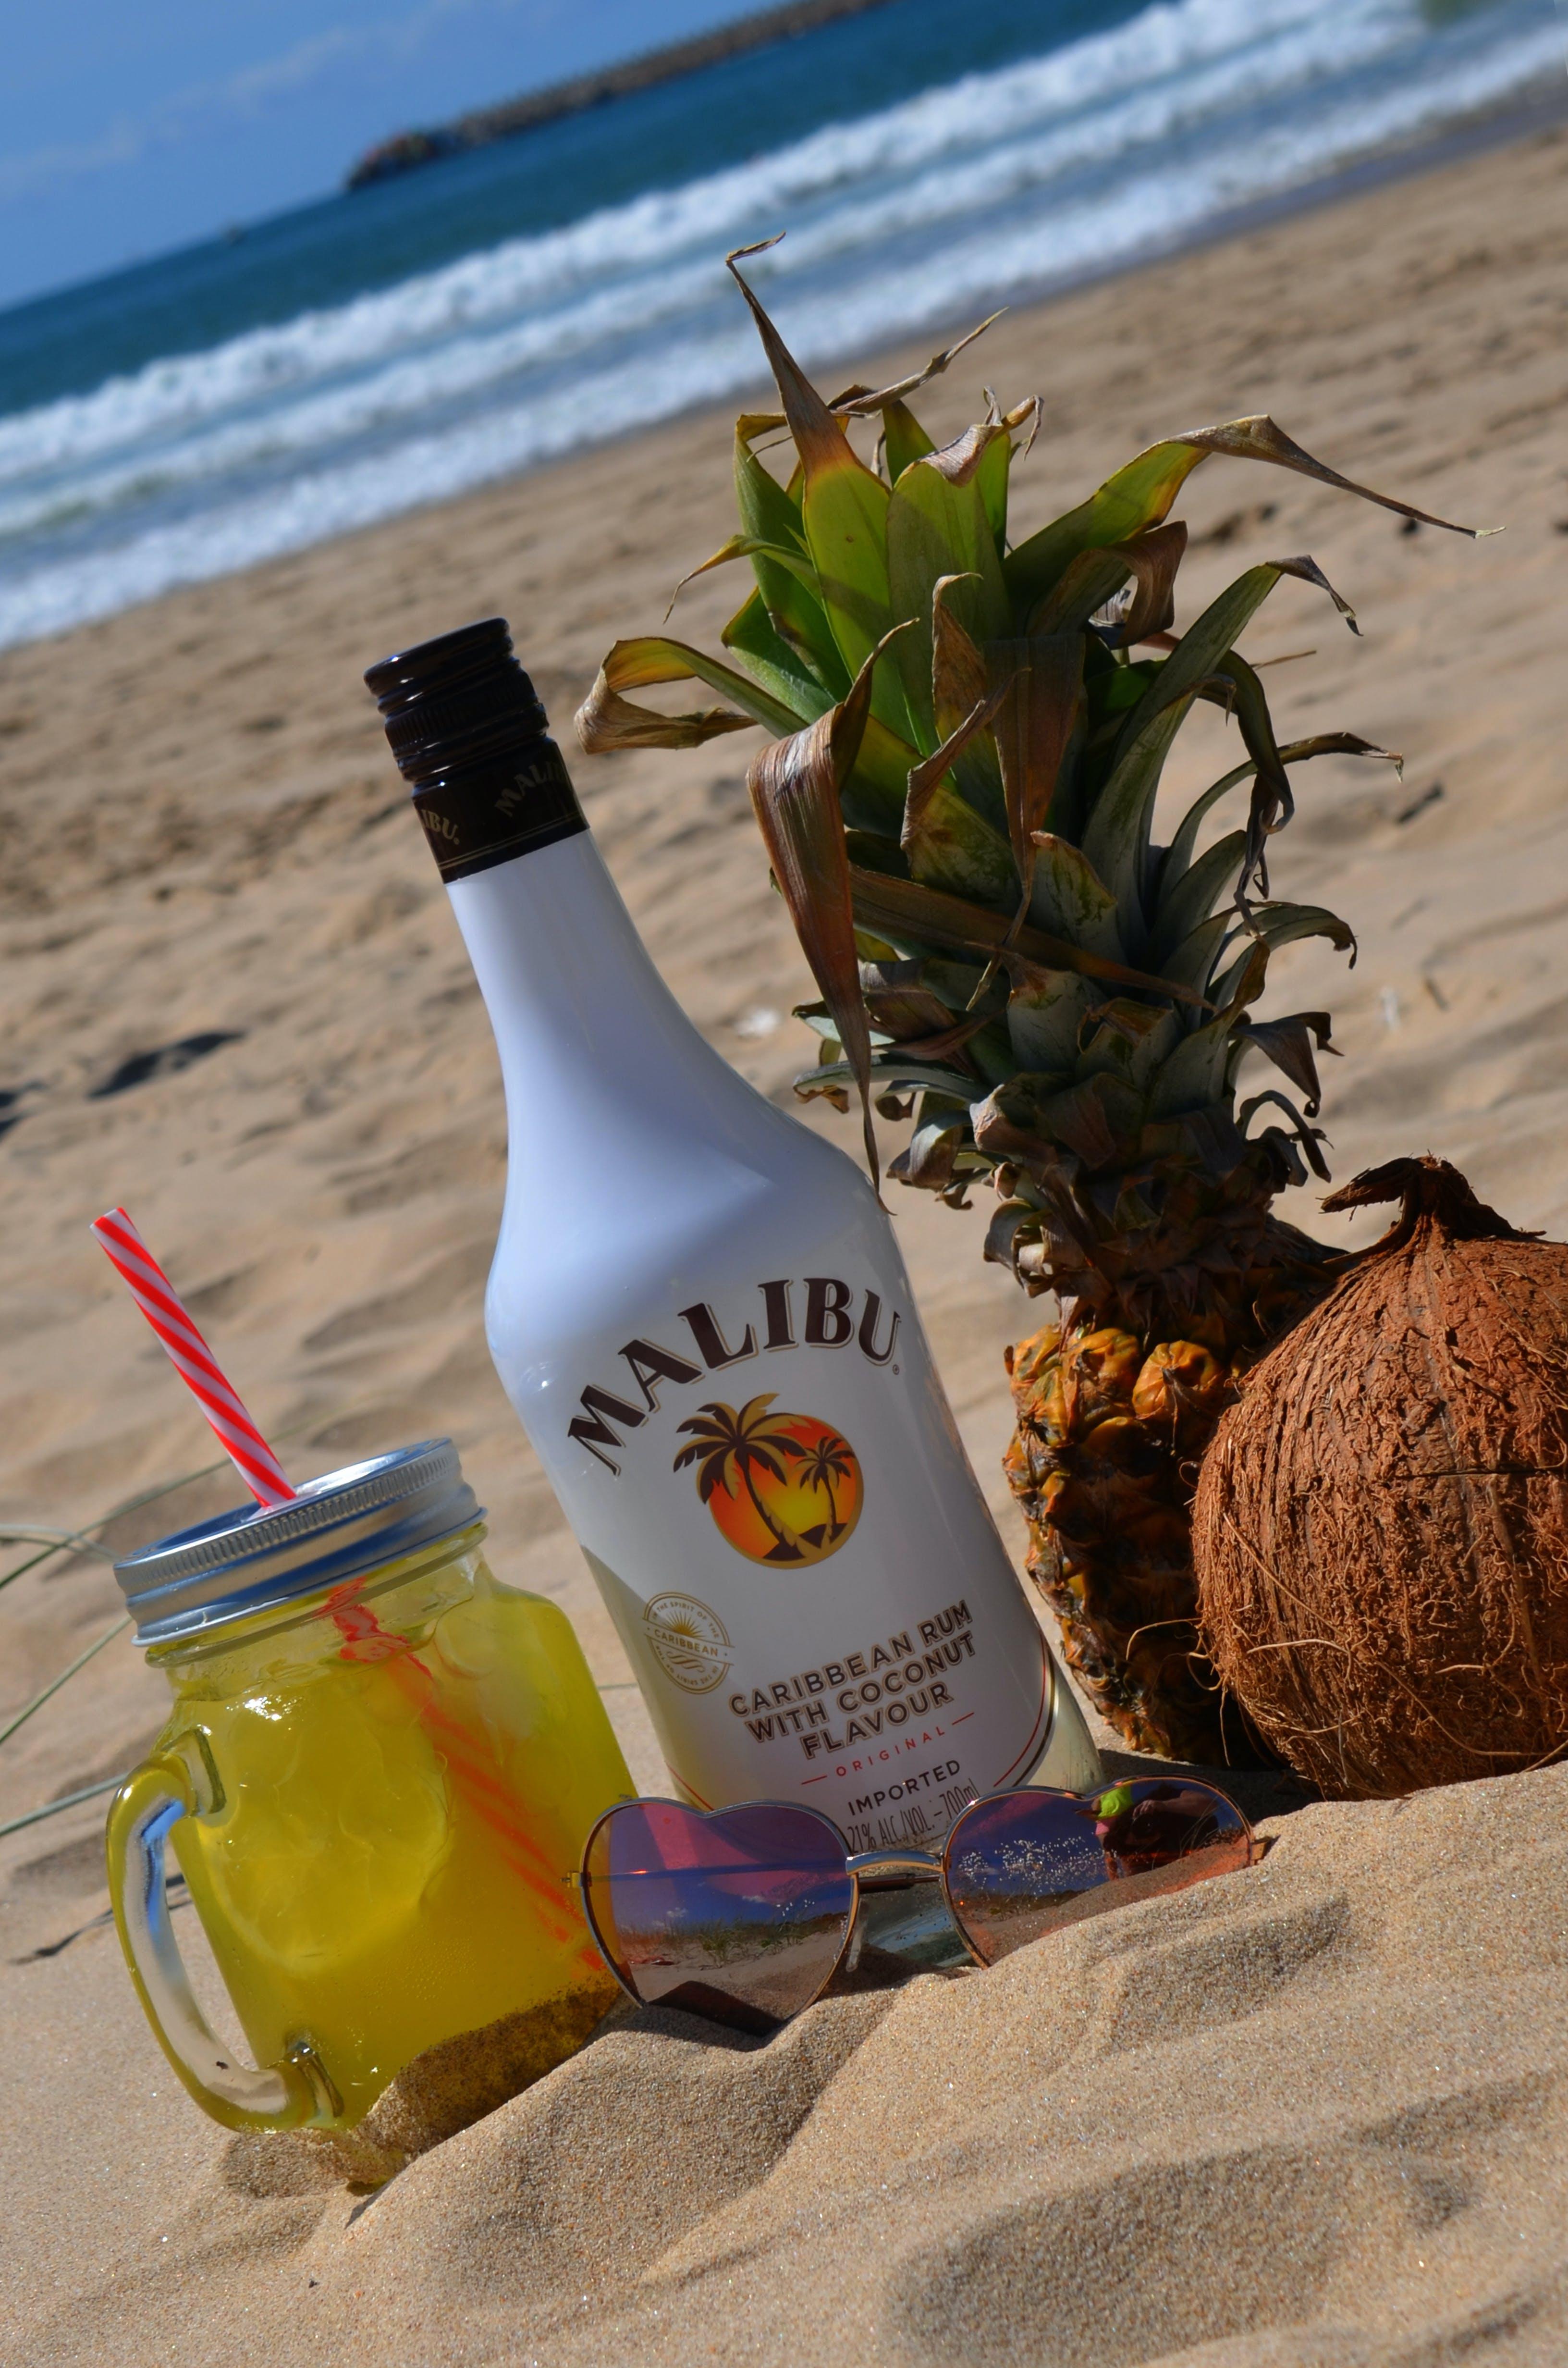 Free stock photo of summer, malibu rum punch on beach